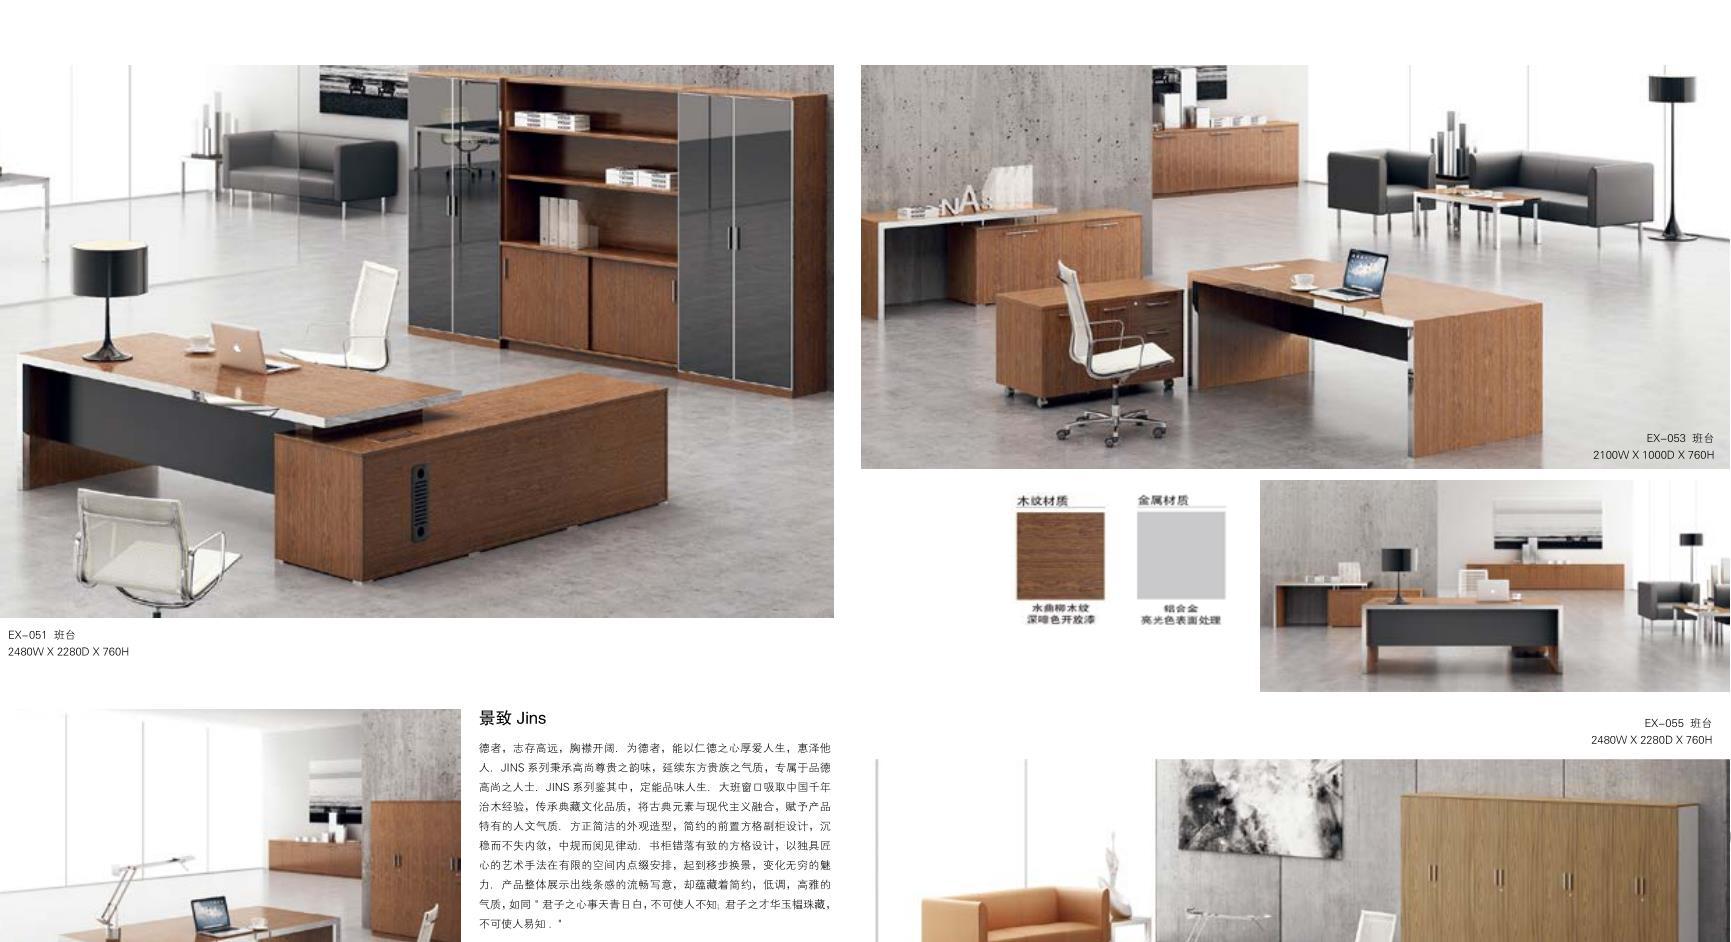 唐山市办公桌厂家(质量保证)